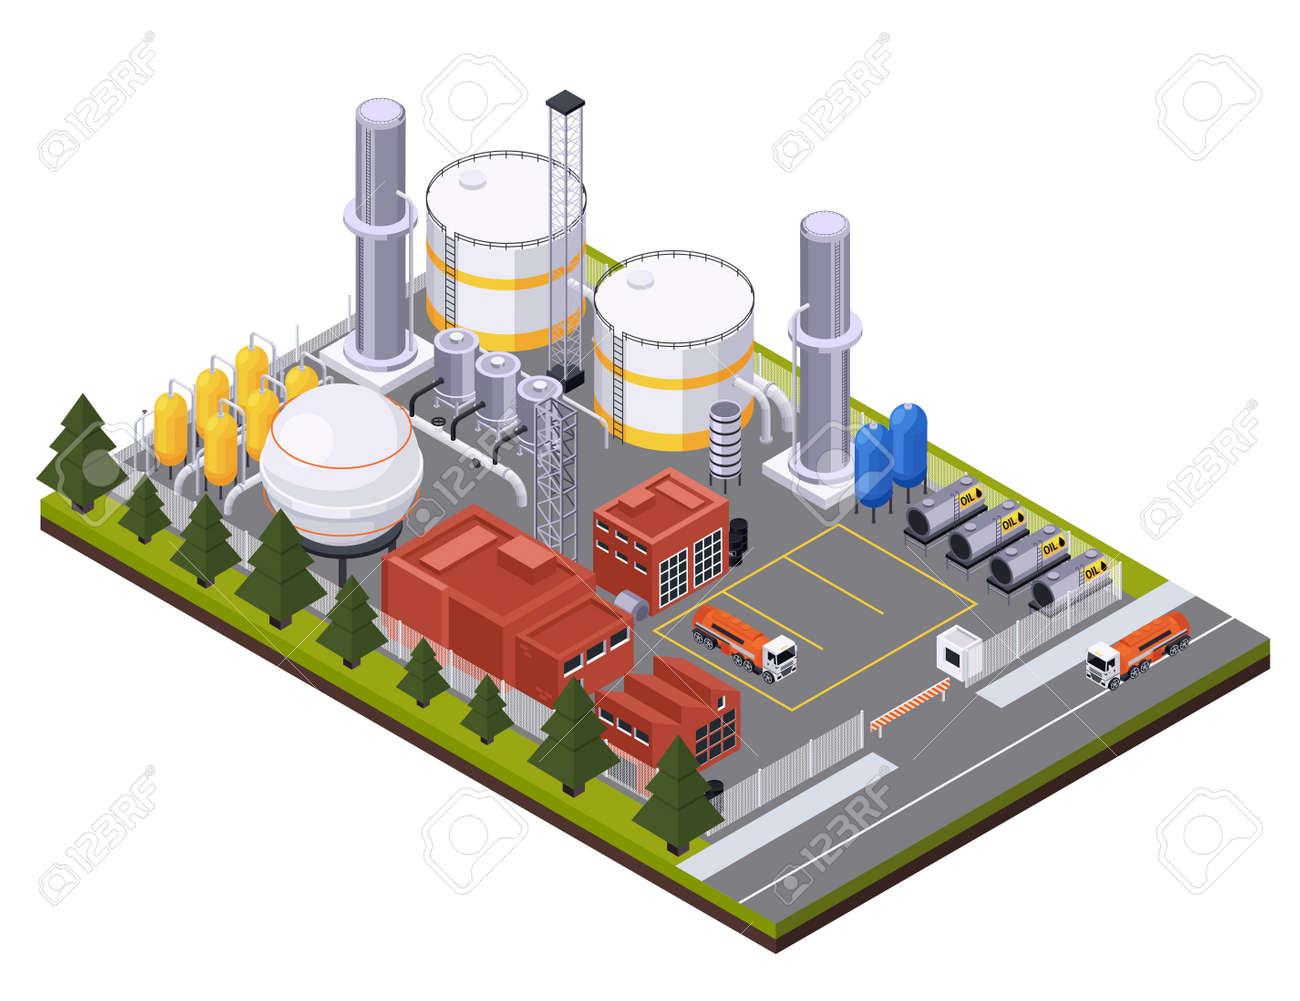 Petroleum Processing Plant Composition - 168667120